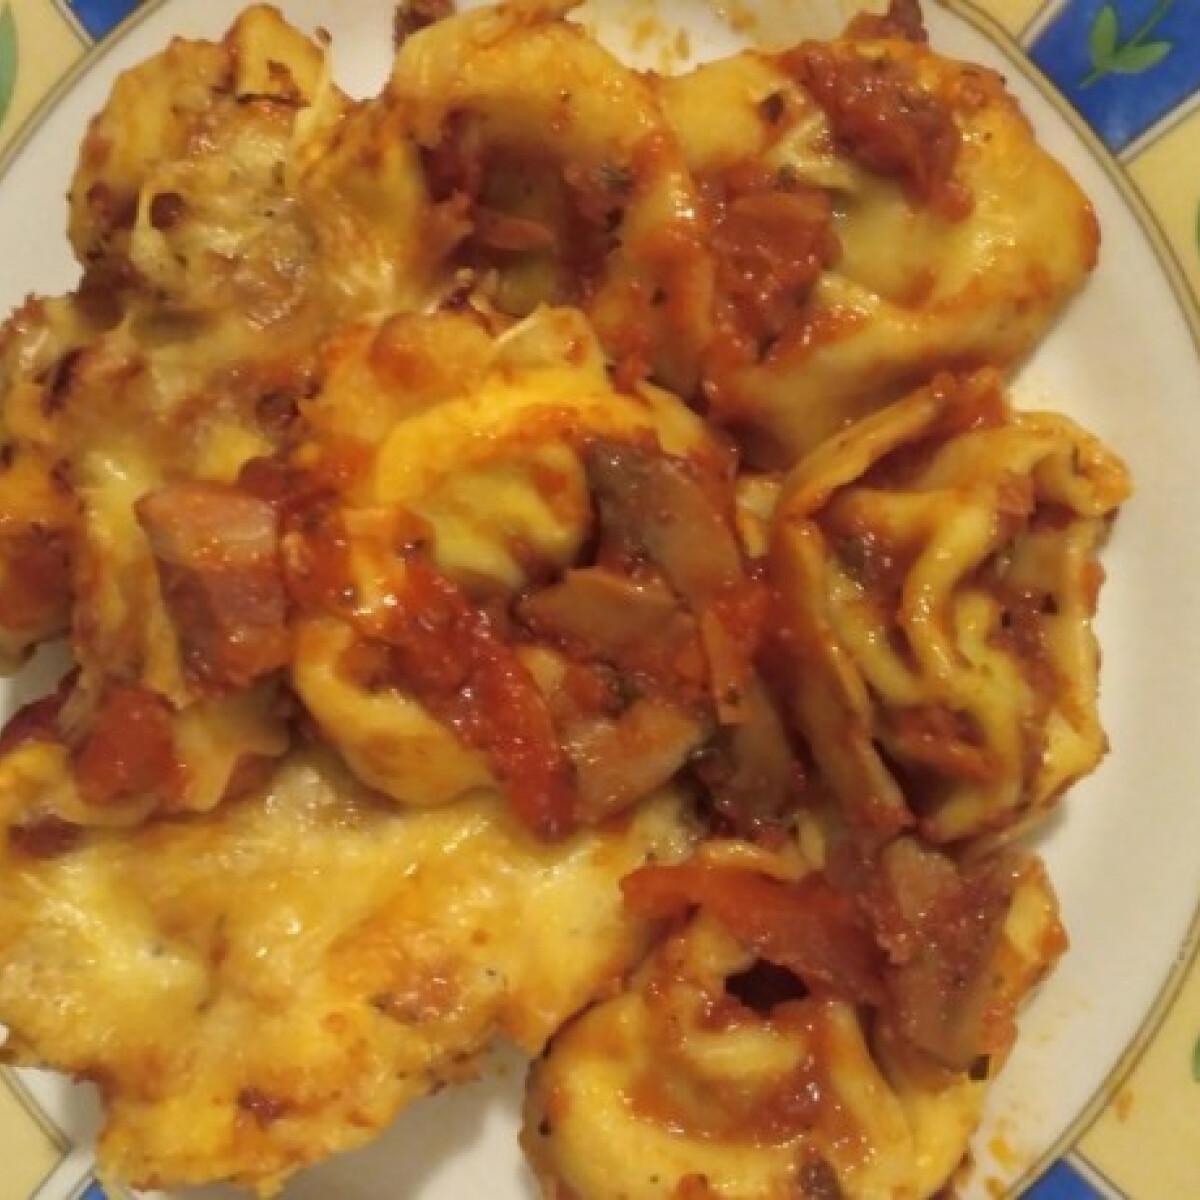 Spenótos-ricottás tortellini sütőben